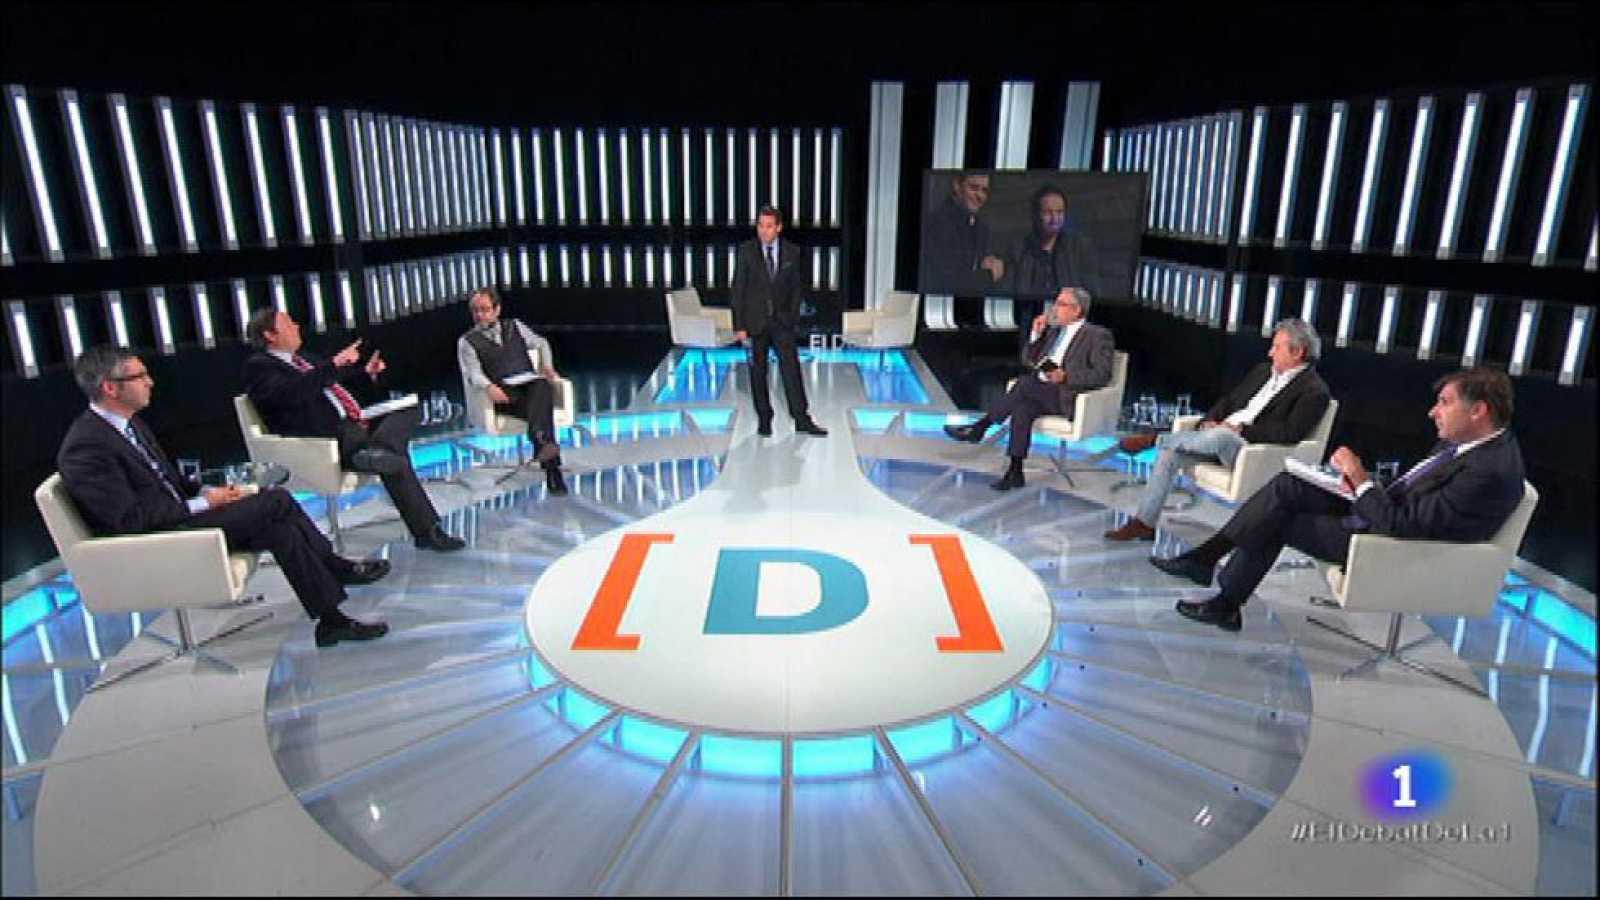 El Debat de La 1 - Jordi Turull analitza la situació política catalana i espanyola